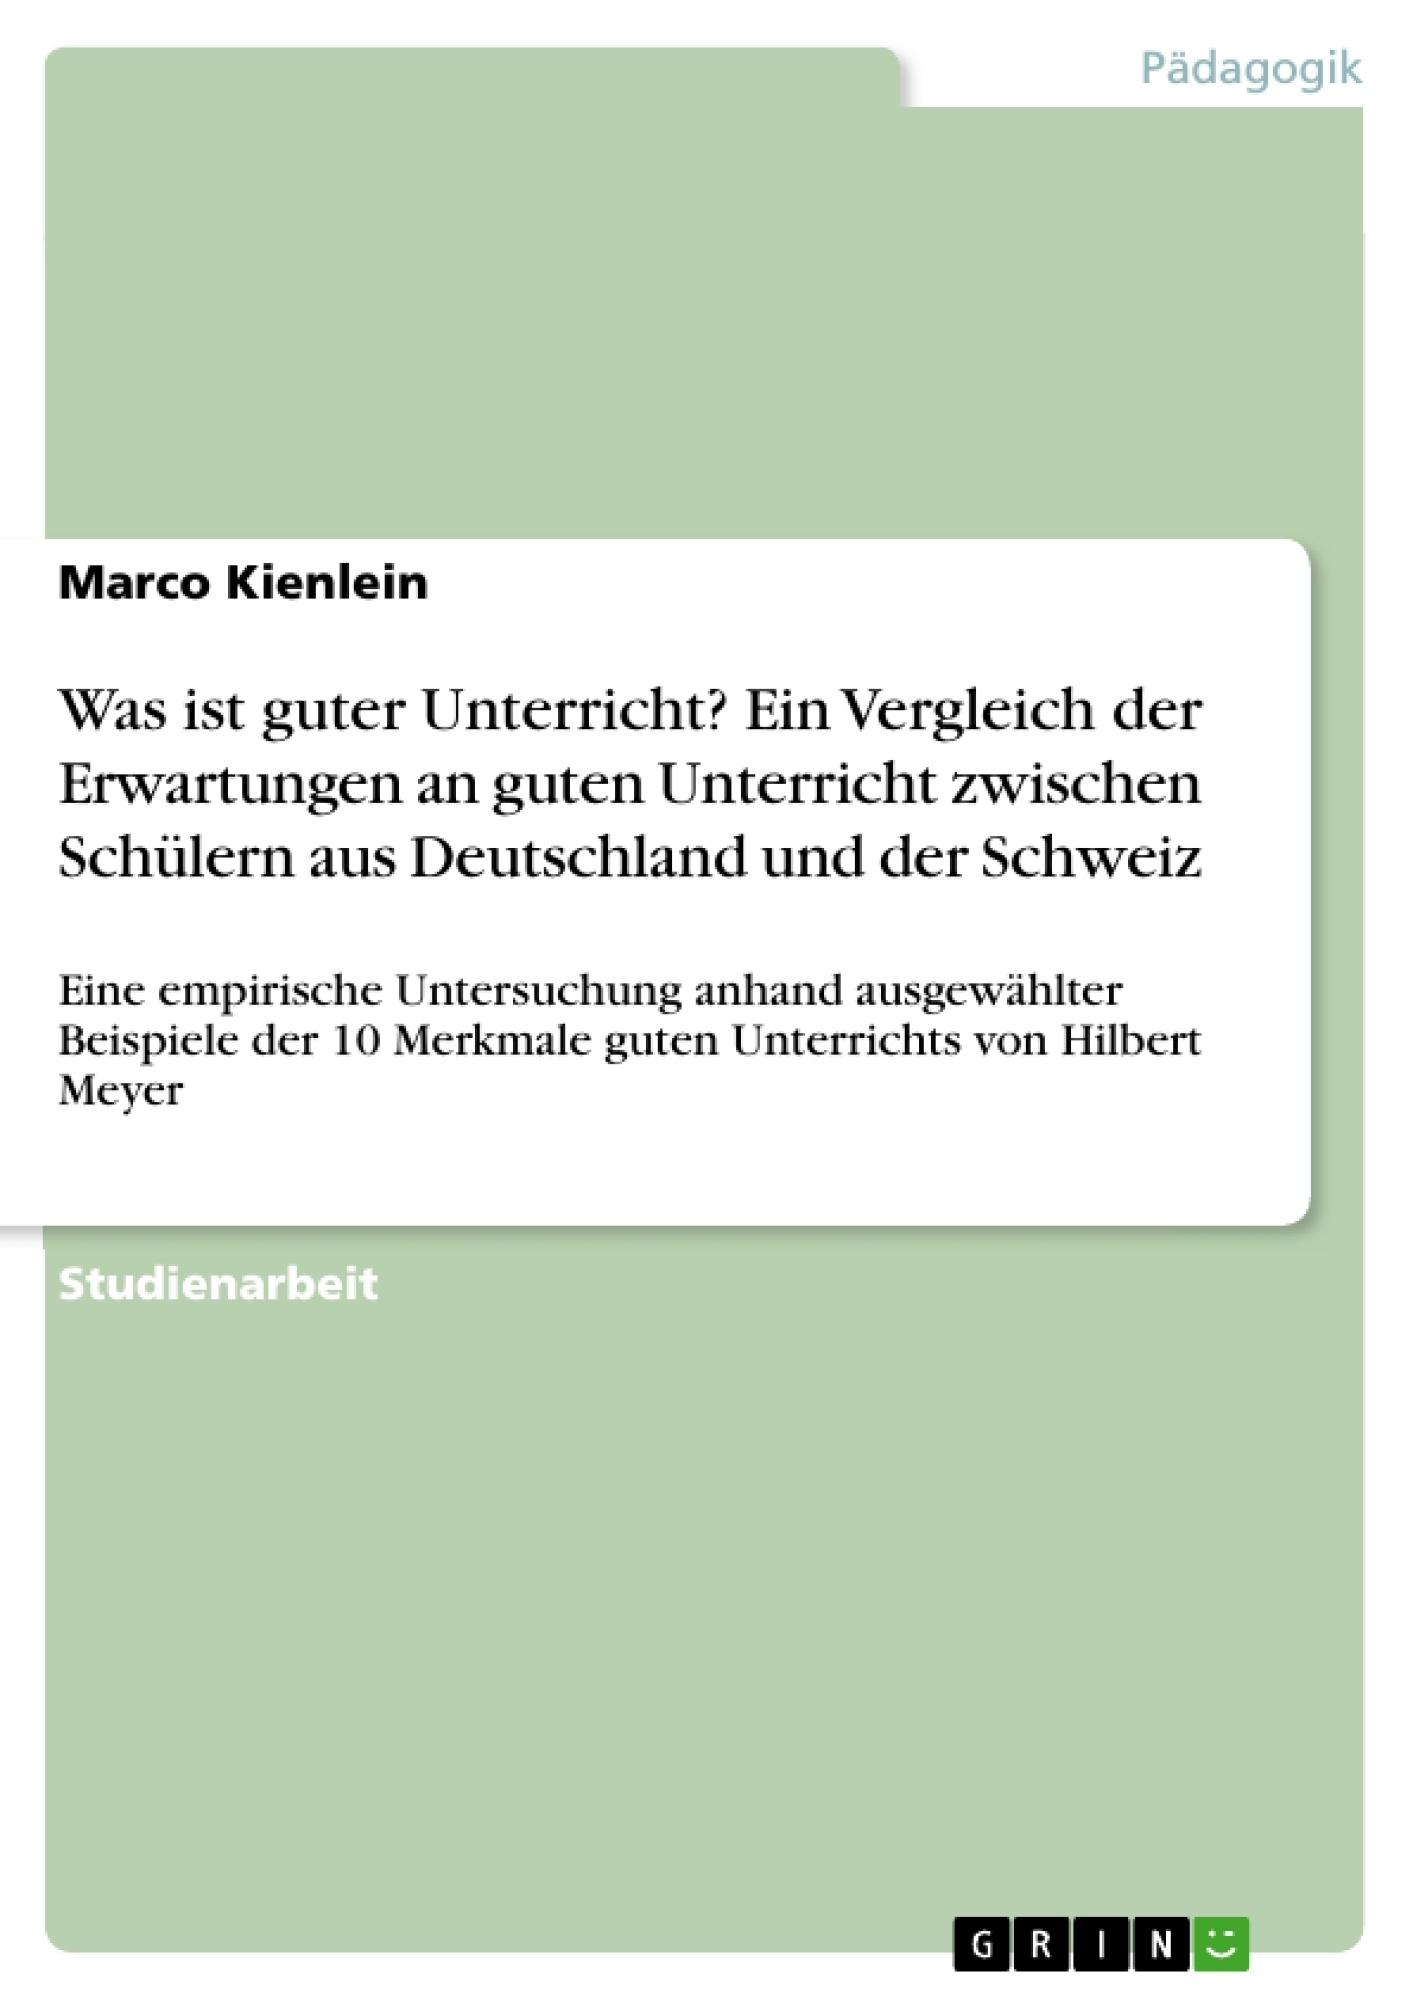 Titel: Was ist guter Unterricht? Ein Vergleich der Erwartungen an guten Unterricht zwischen Schülern aus Deutschland und der Schweiz